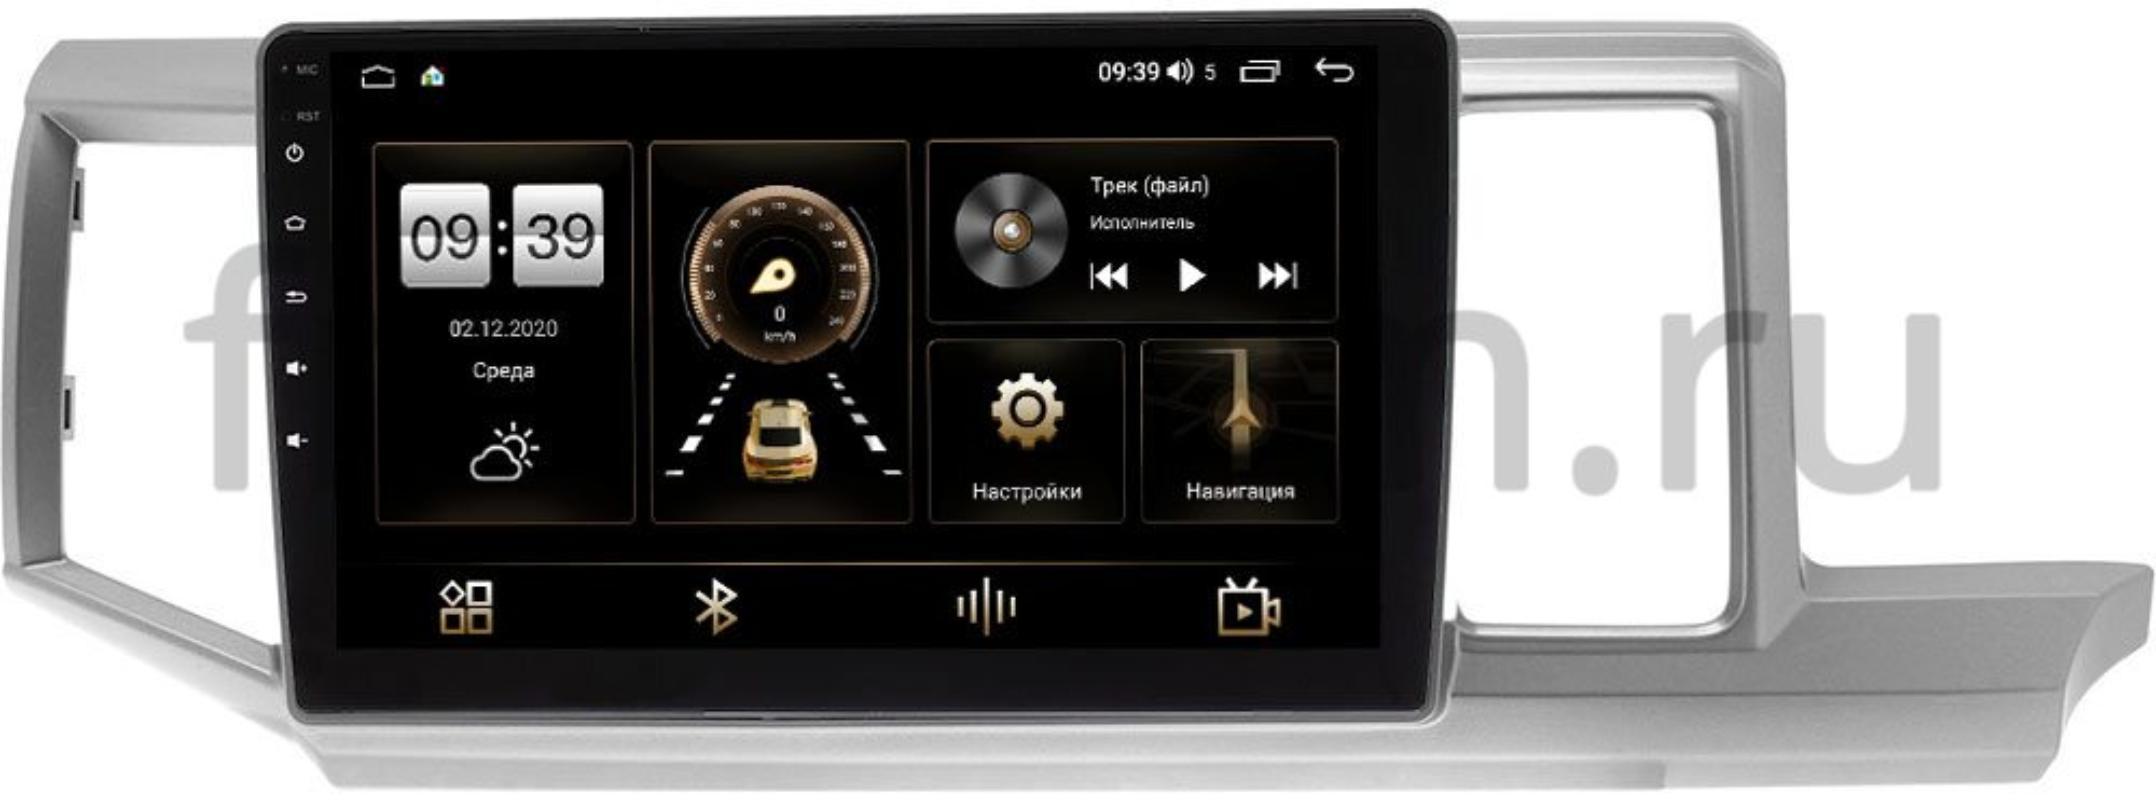 Штатная магнитола LeTrun 4195-10-1139 для Honda Stepwgn IV 2009-2015 (правый руль) на Android 10 (6/128, DSP, QLed) С оптическим выходом (+ Камера заднего вида в подарок!)